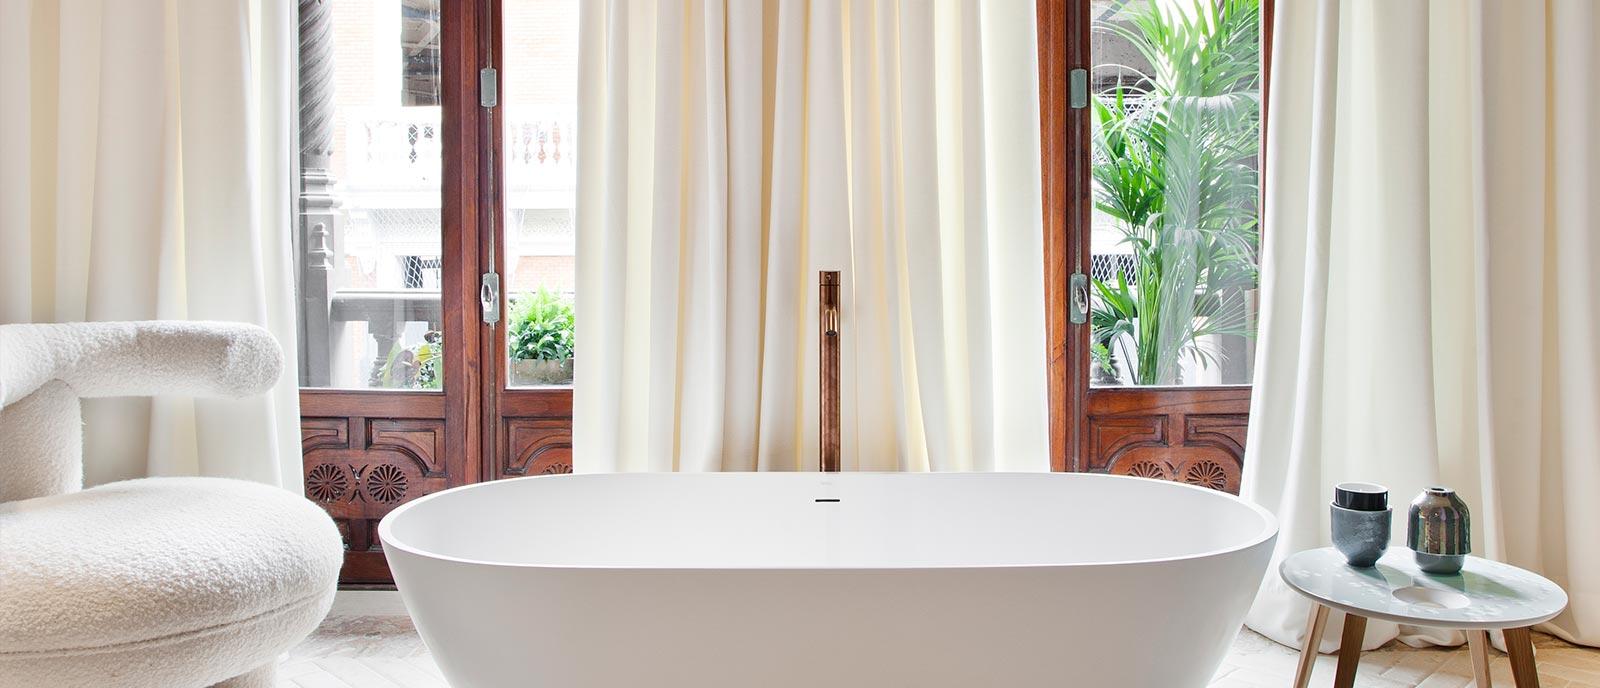 Espacio Bathco – Cuarto de baño «Inspire & Evoke»